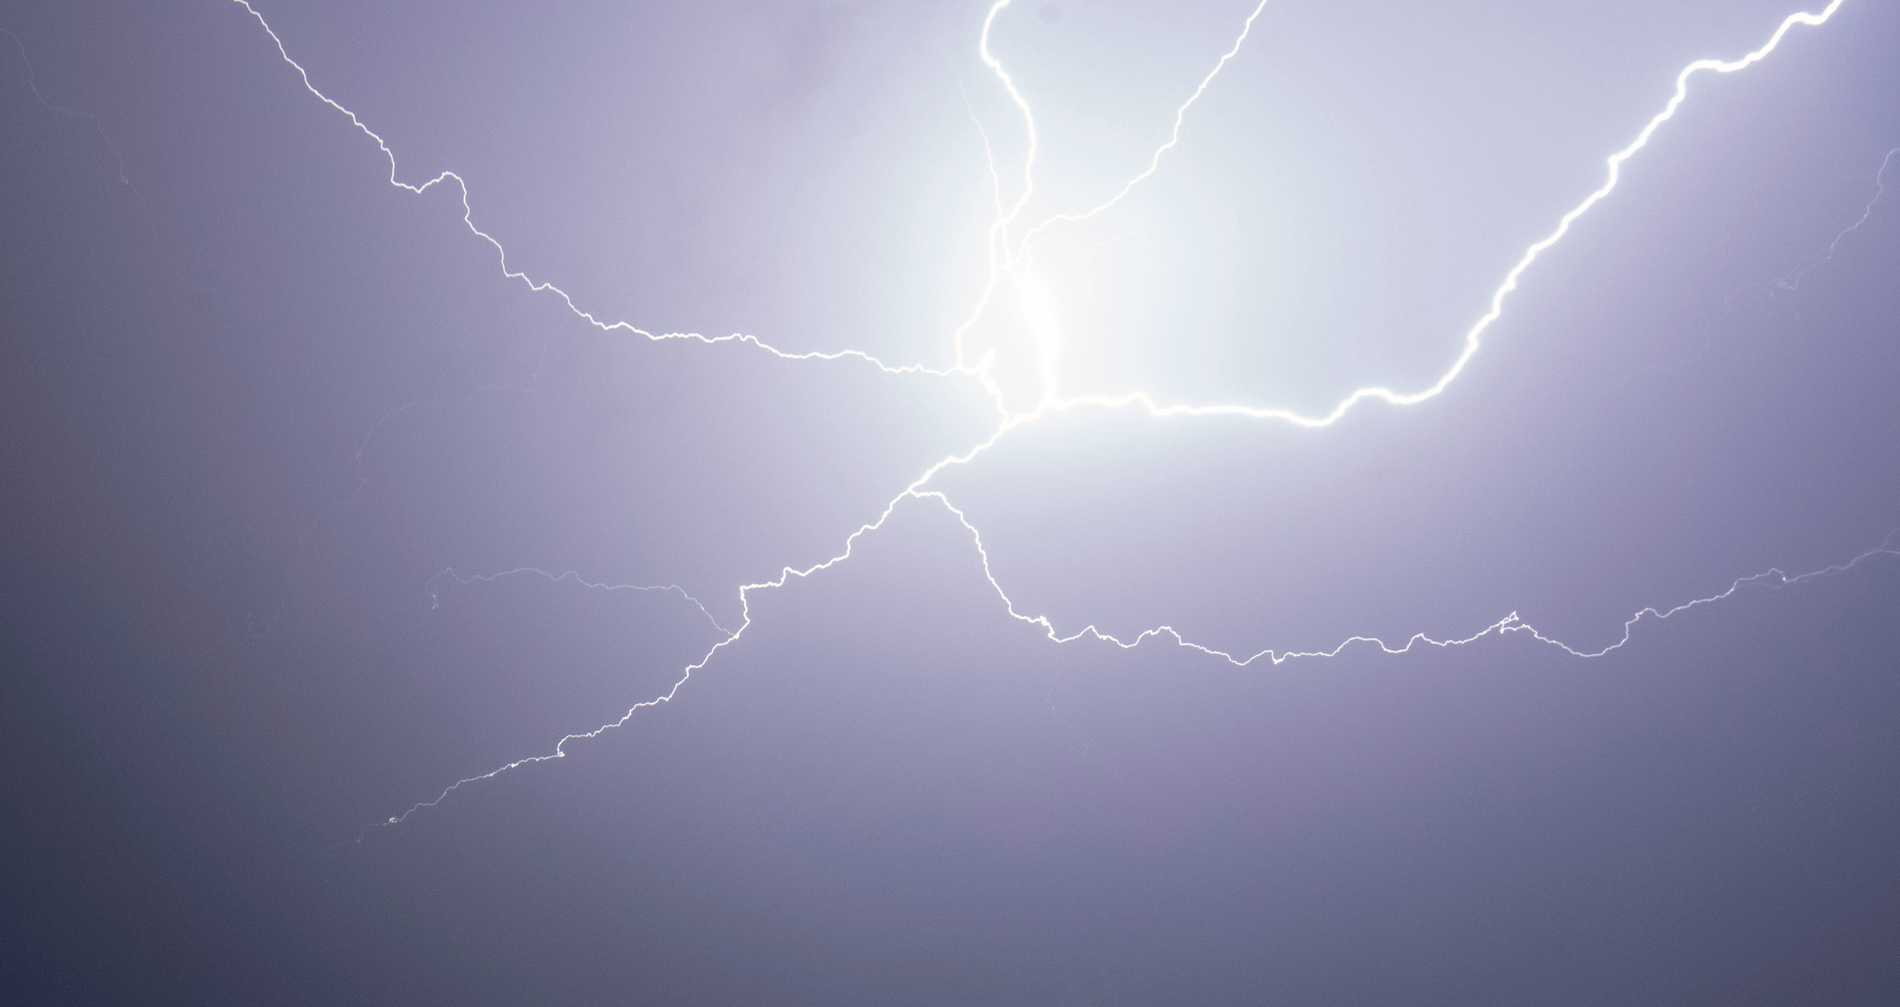 Veckan inleds med åska och regn på många håll. Arkivbild.